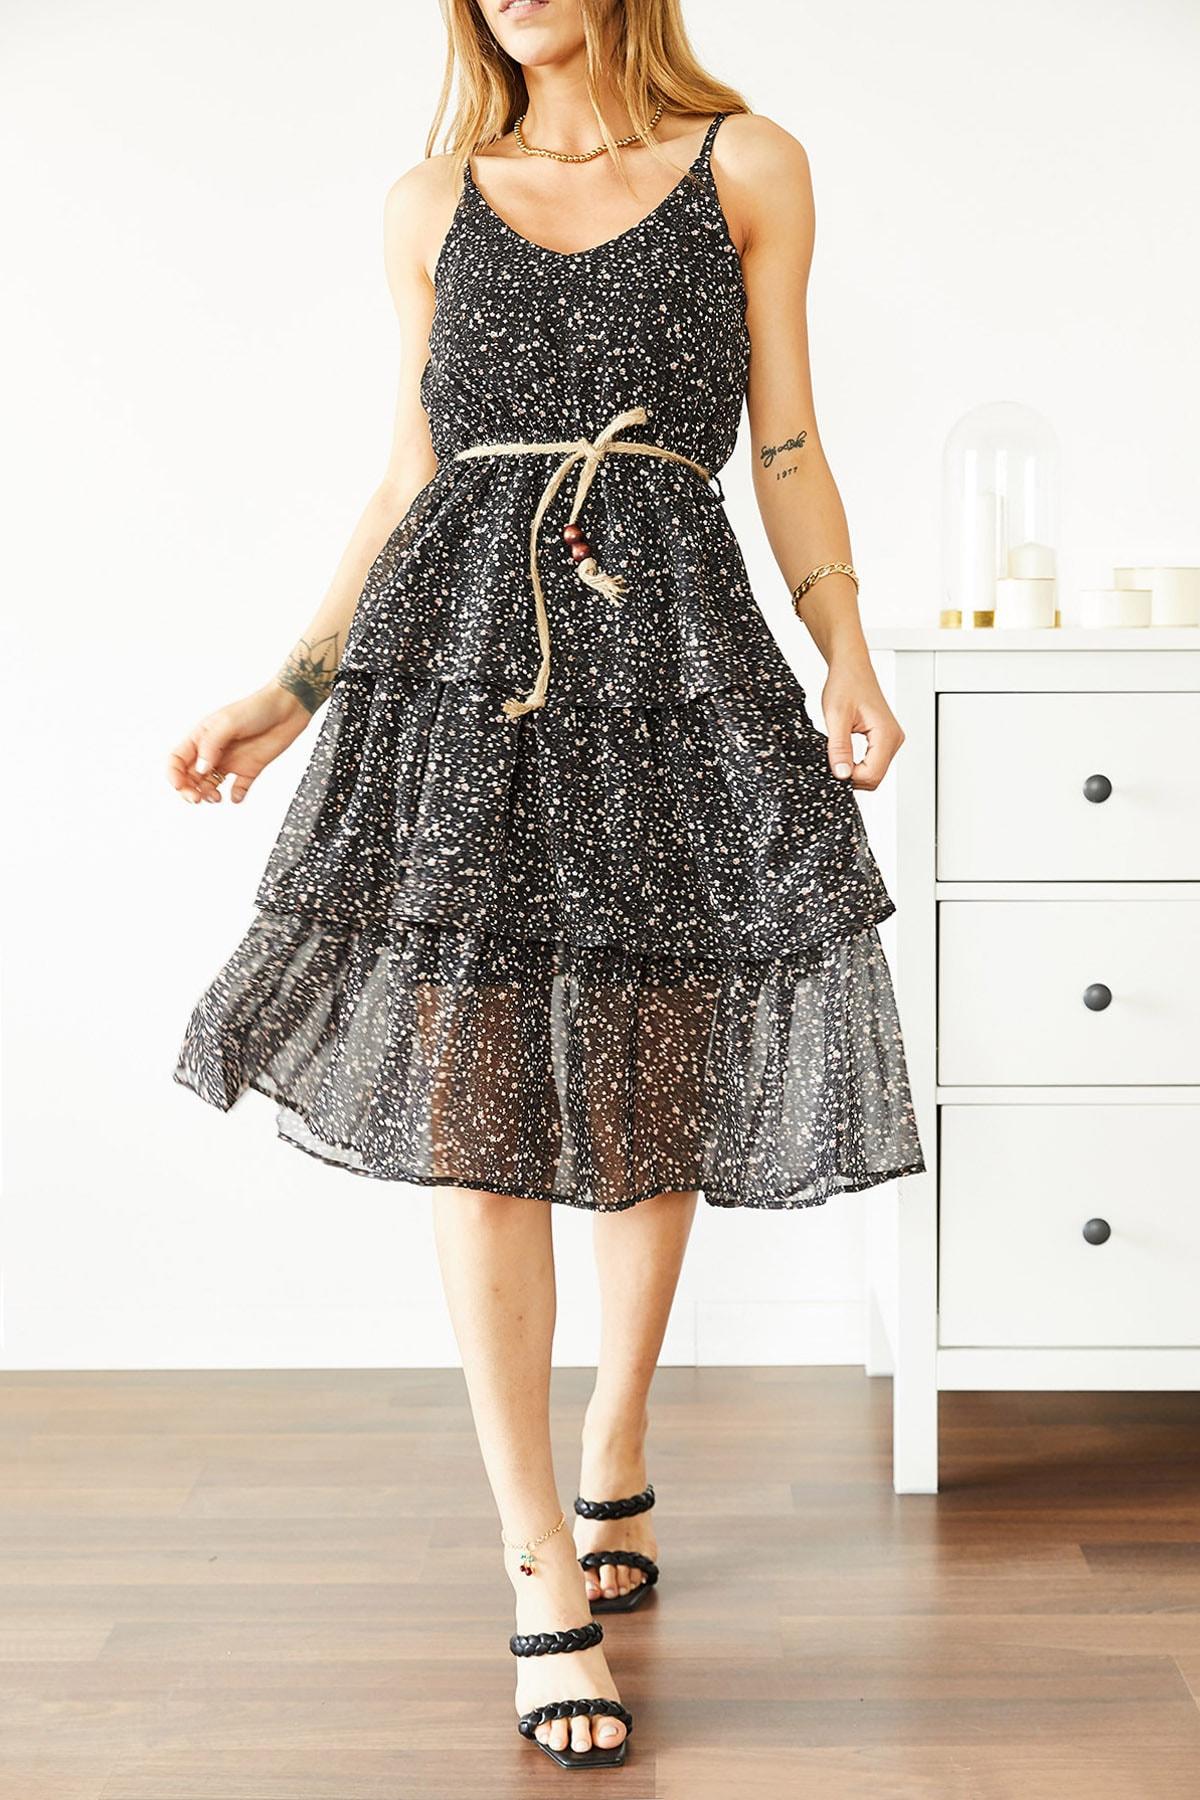 XHAN Kadın Siyah Askılı Desenli Şifon Elbise 0YXK6-43866-02 8699443866021